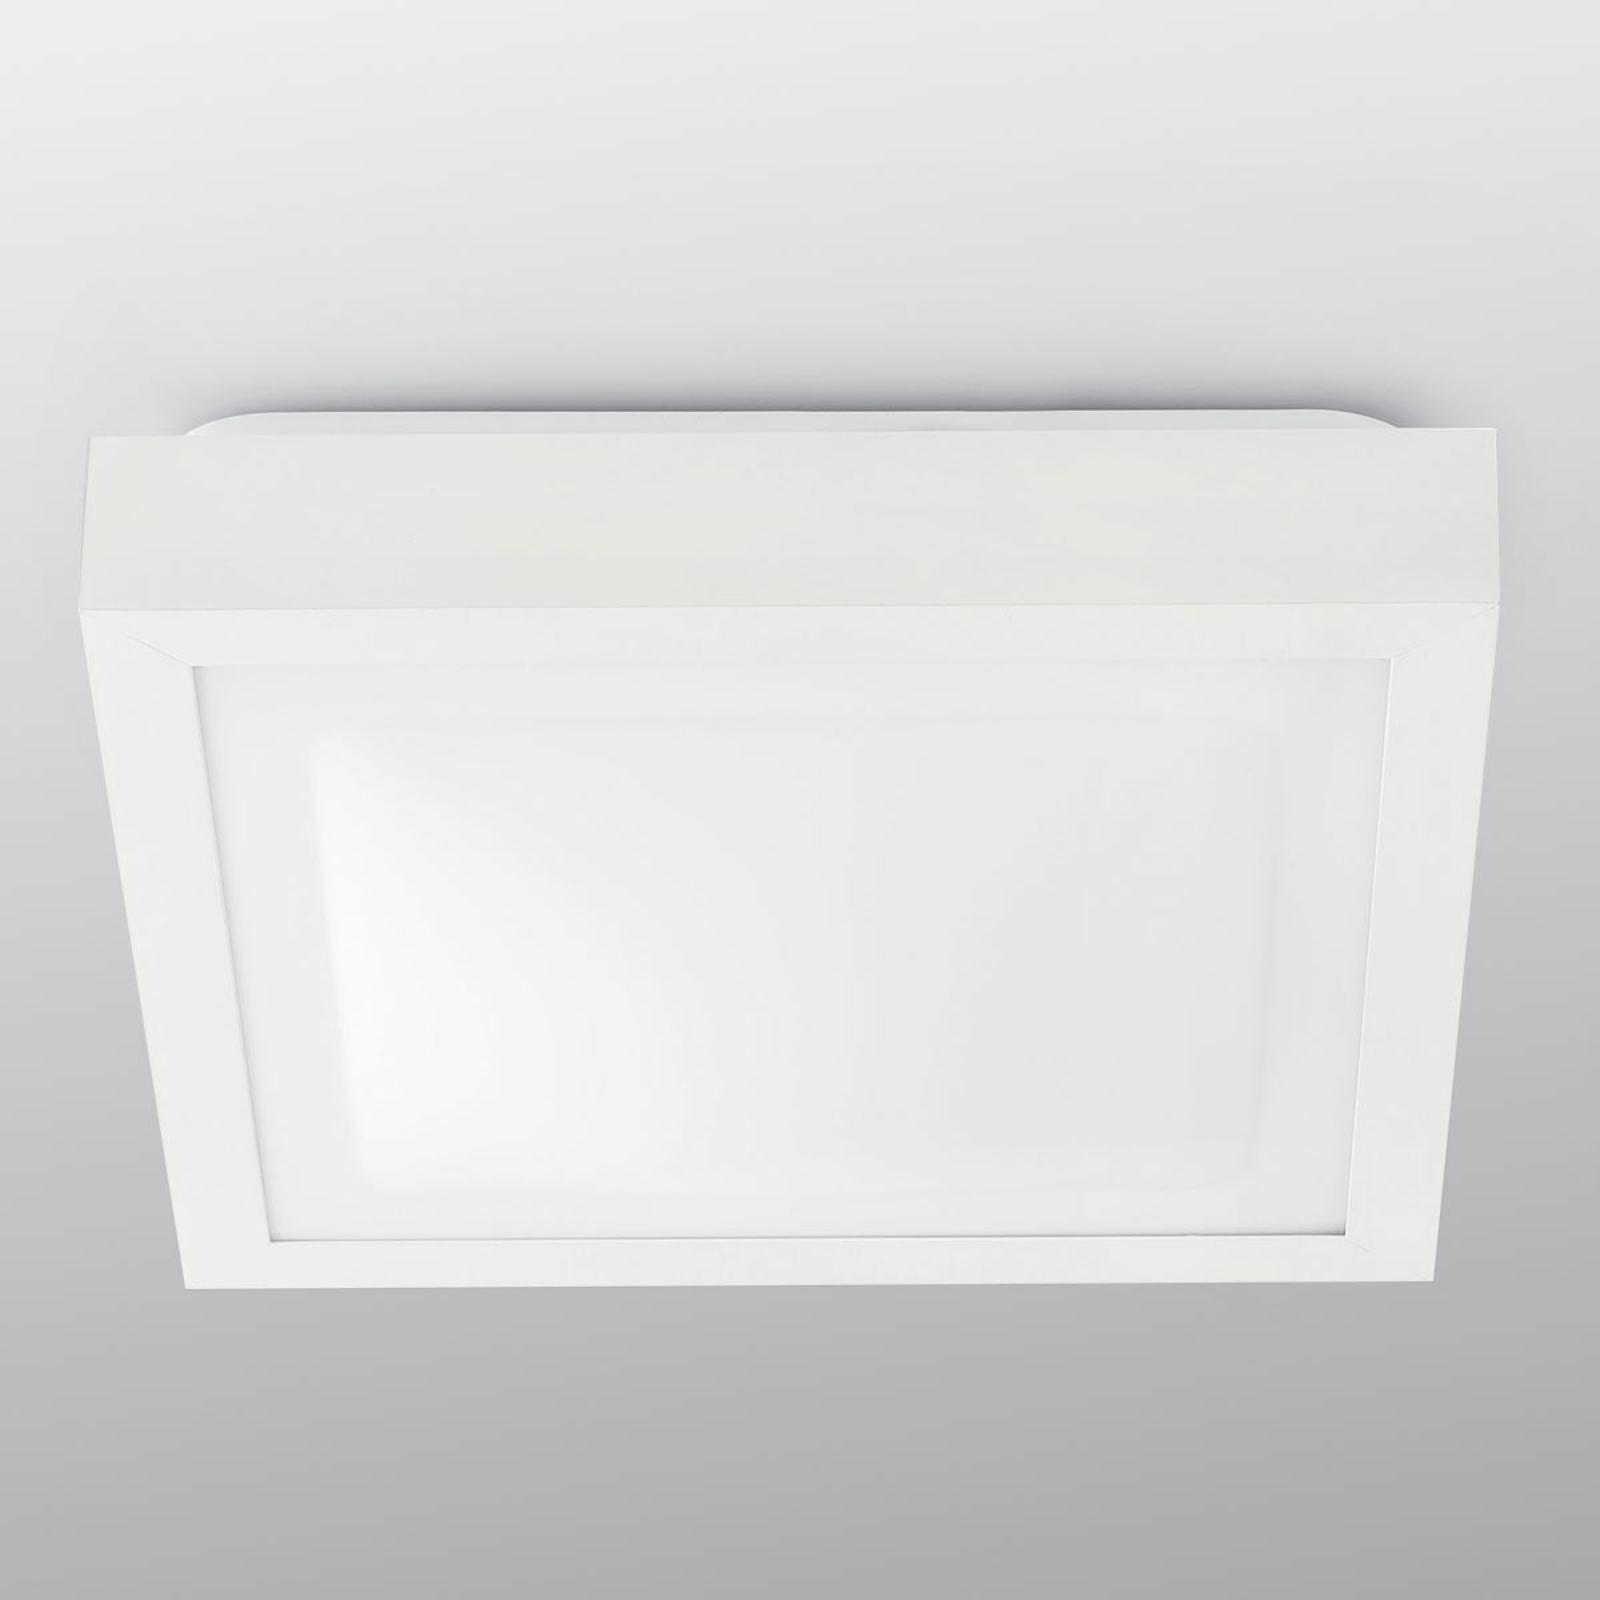 Stropné svietidlo Tola pre kúpeľne, hranatý tvar_3507308_1